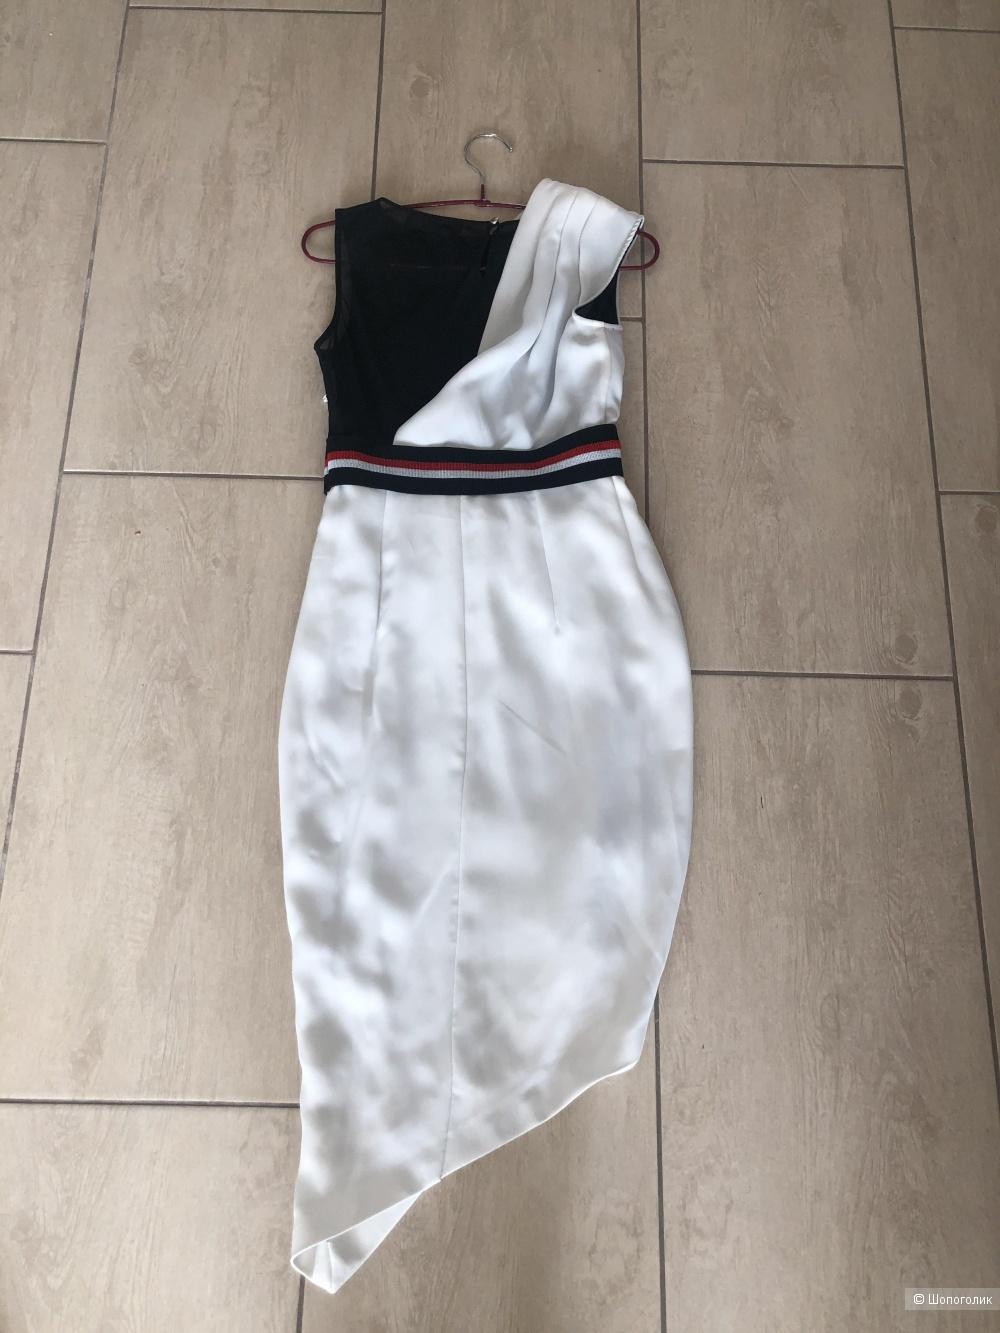 Сет из 2 платьев Mangano. Размер 38it (40)